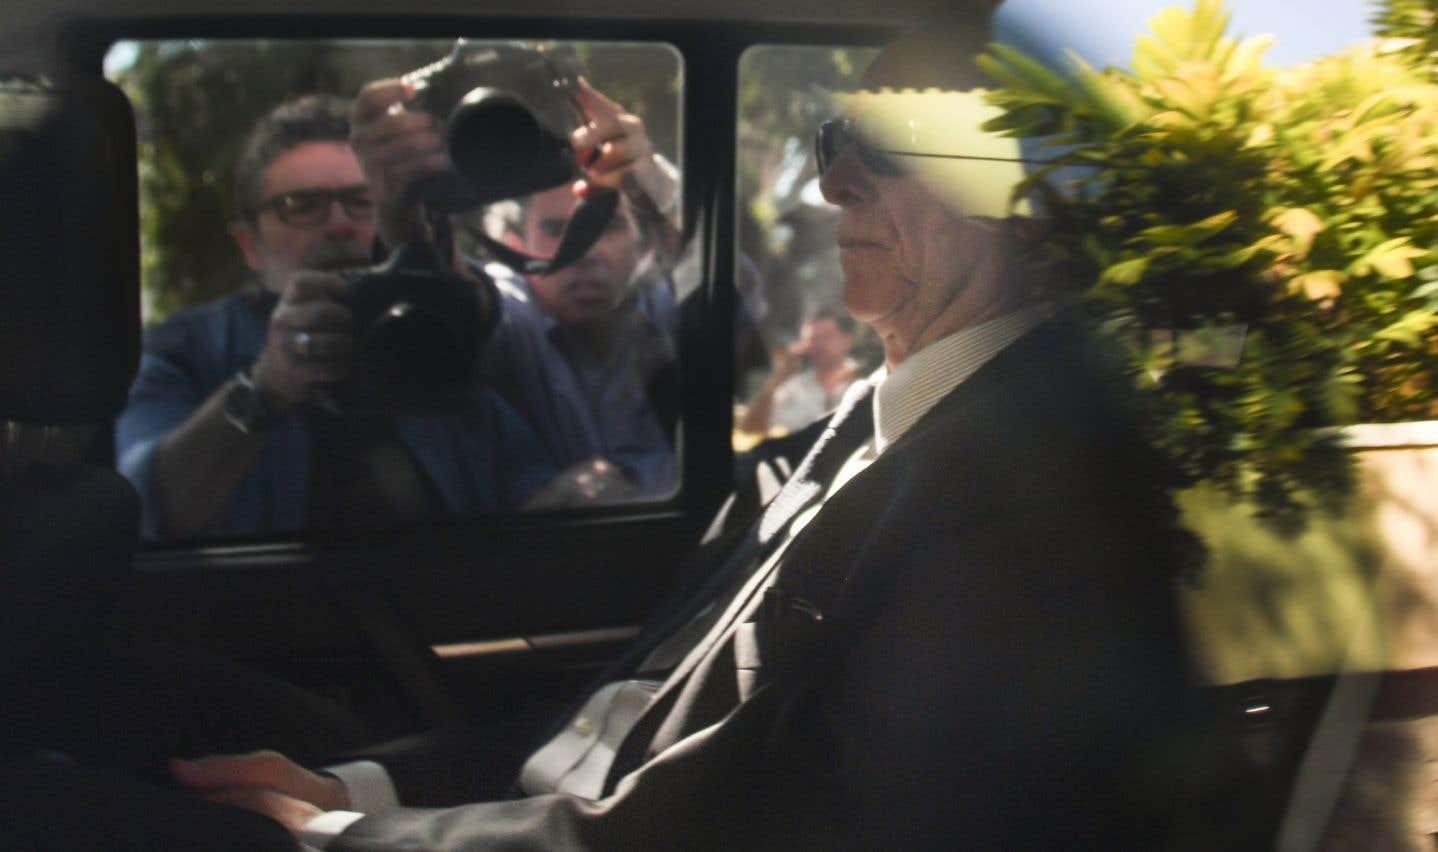 Des perquisitions ont entre autres été menées au domicile de Carlos Nuzman, président du Comité national olympique brésilien (COB).